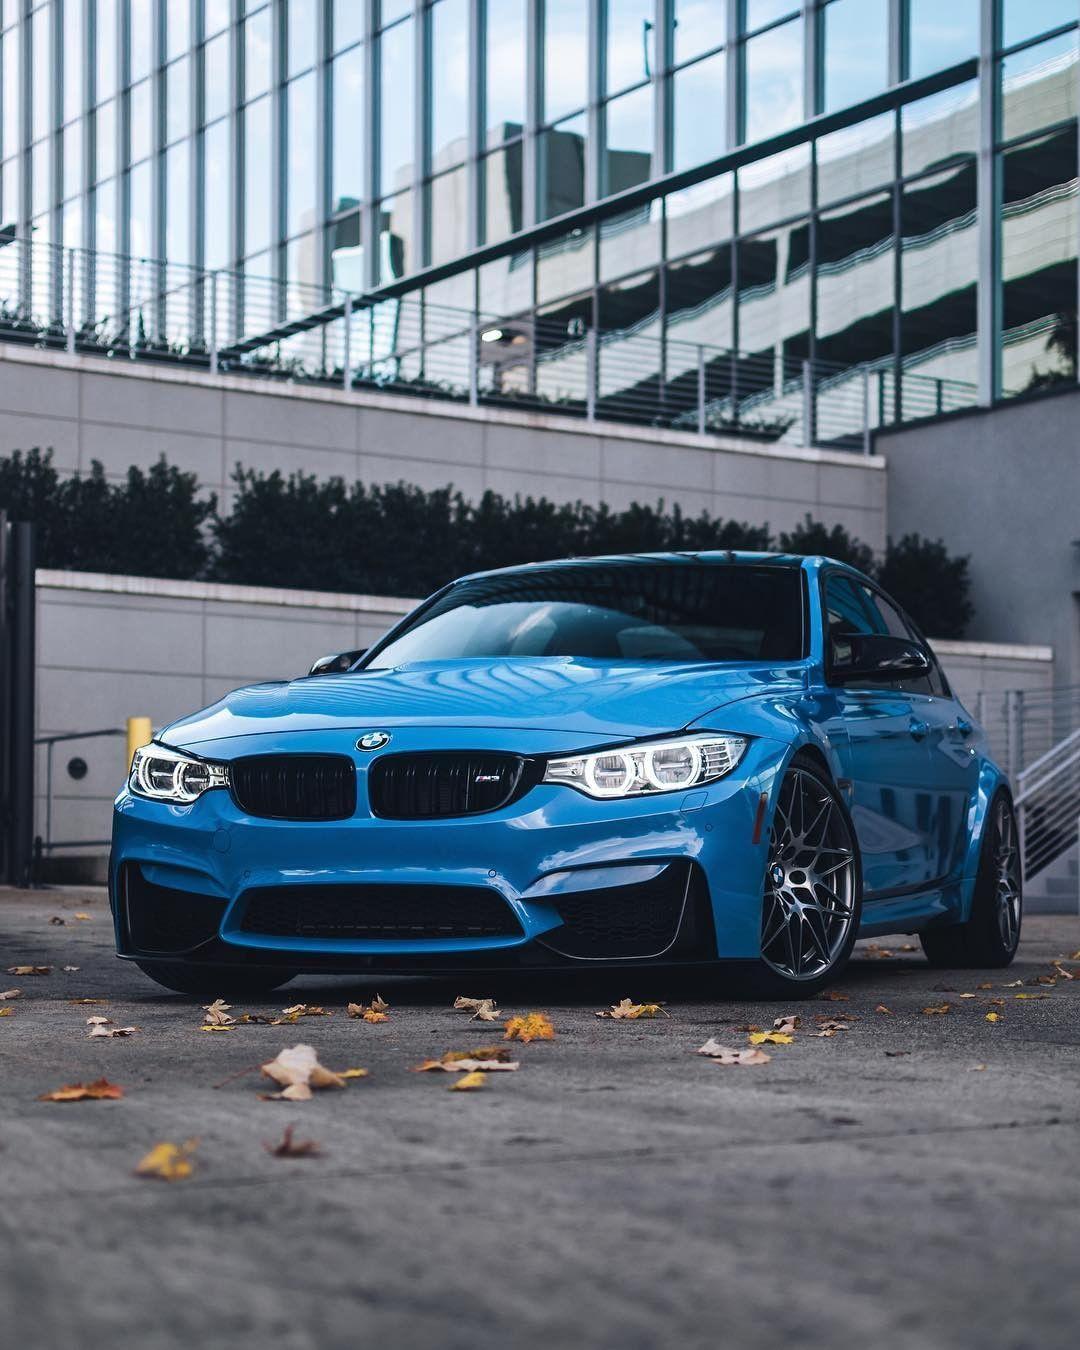 BMW F80 M3 in Yas Marina Blue Metallic Bmw m3 sedan, Bmw